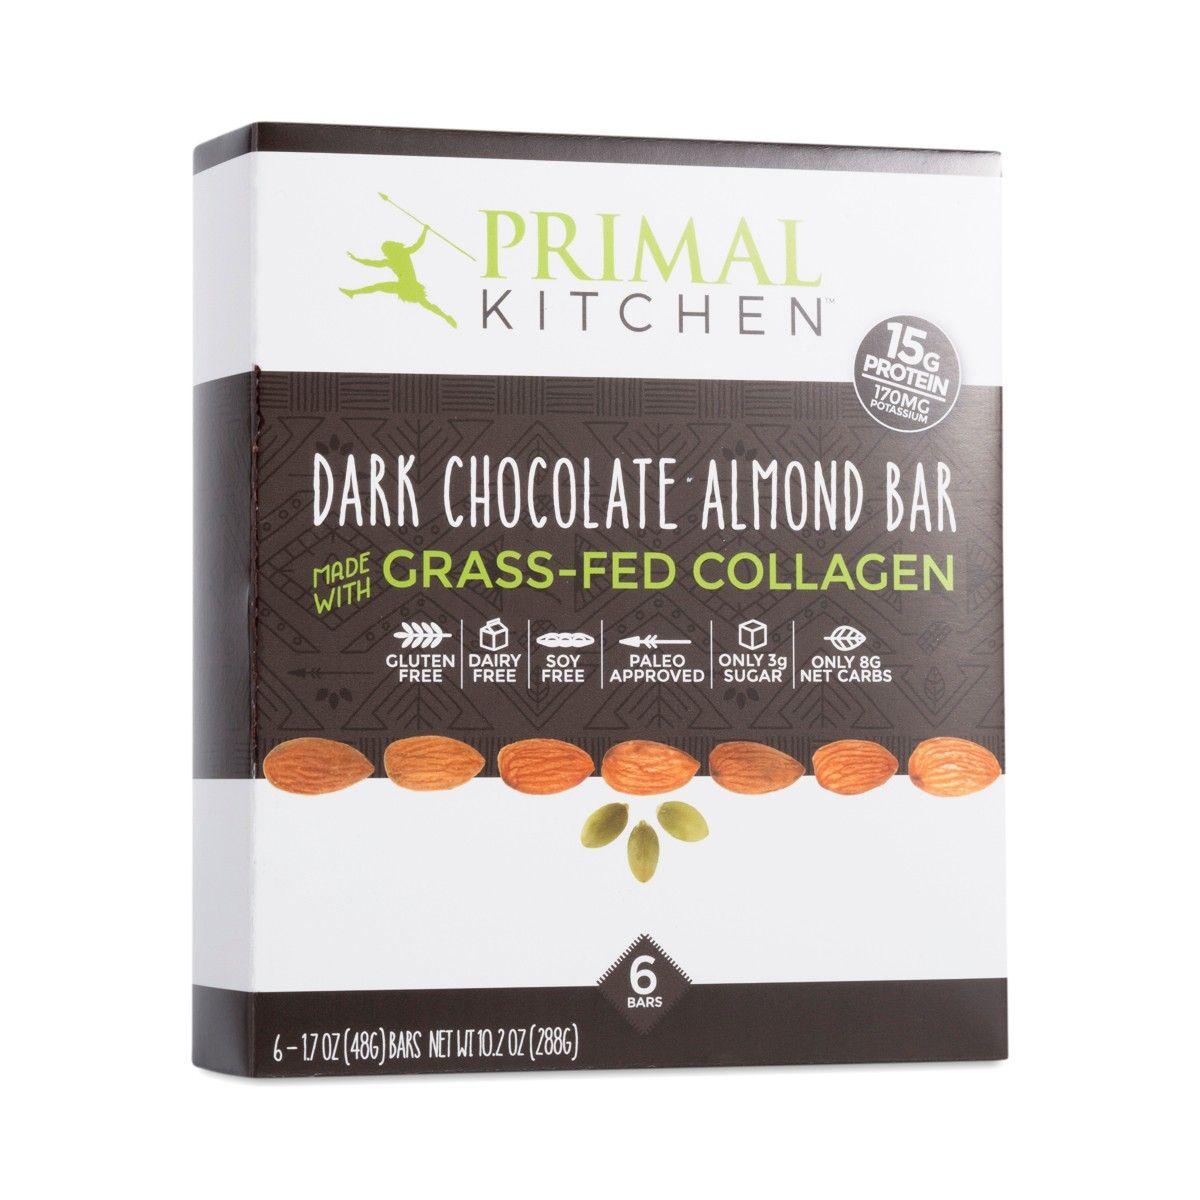 Dark Chocolate Almond Bar With Grass Fed Collagen 6 Pack Almond Bars Dark Chocolate Almonds Primal Kitchen